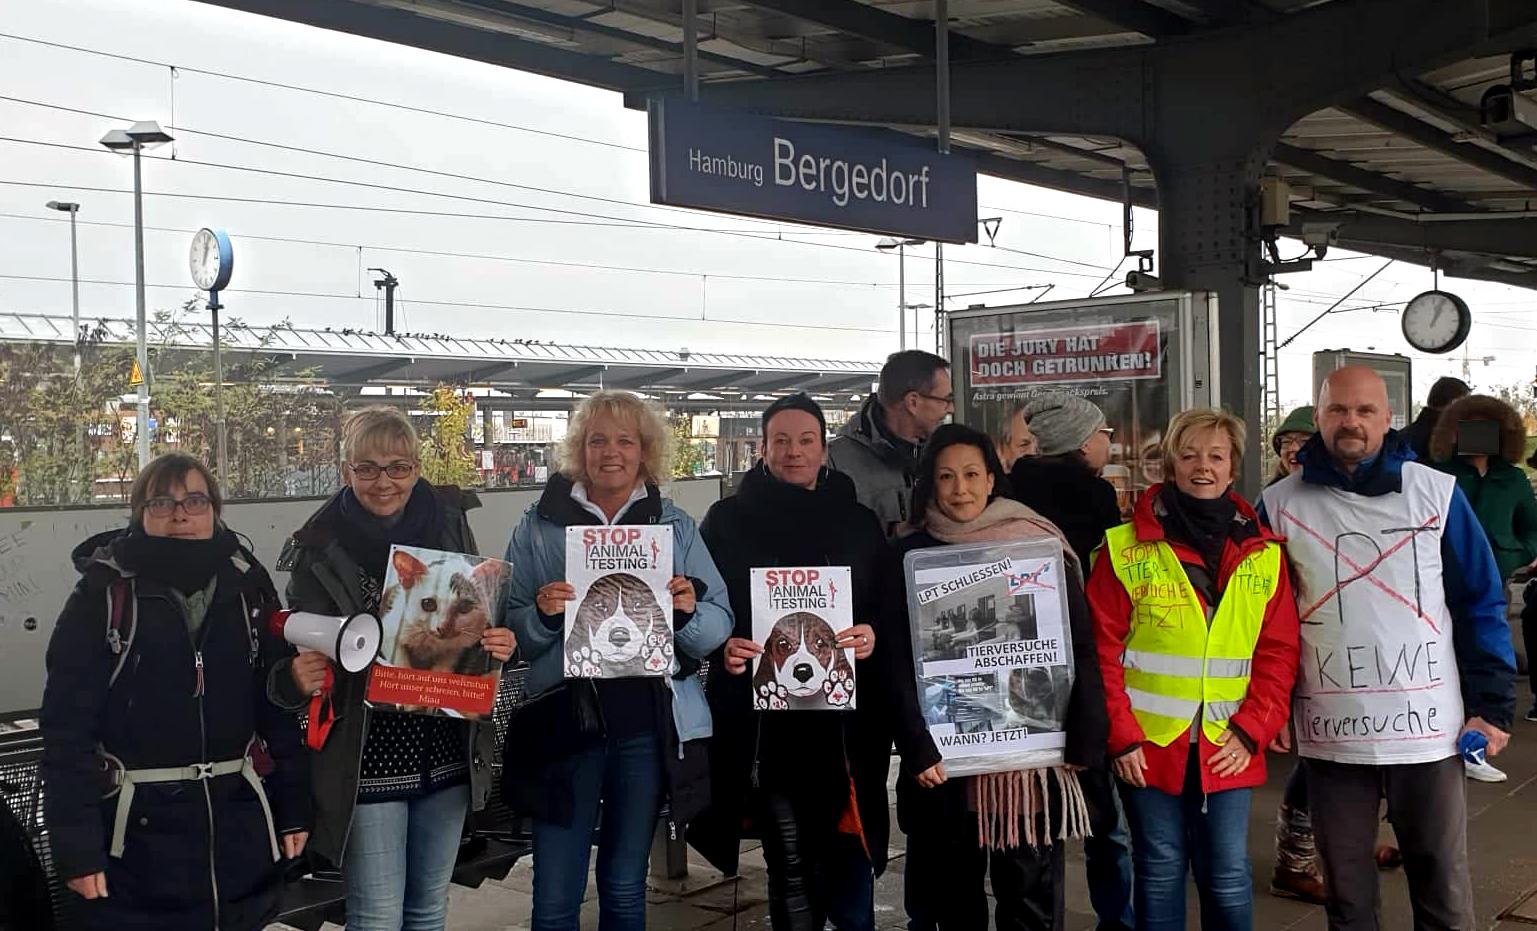 LPT, Tierversuchslabor, Mienenbüttel, Harburg, Hamburg, Bergedorf, Schließung, Protest, Tierschutzdemonstration, Nachrichten